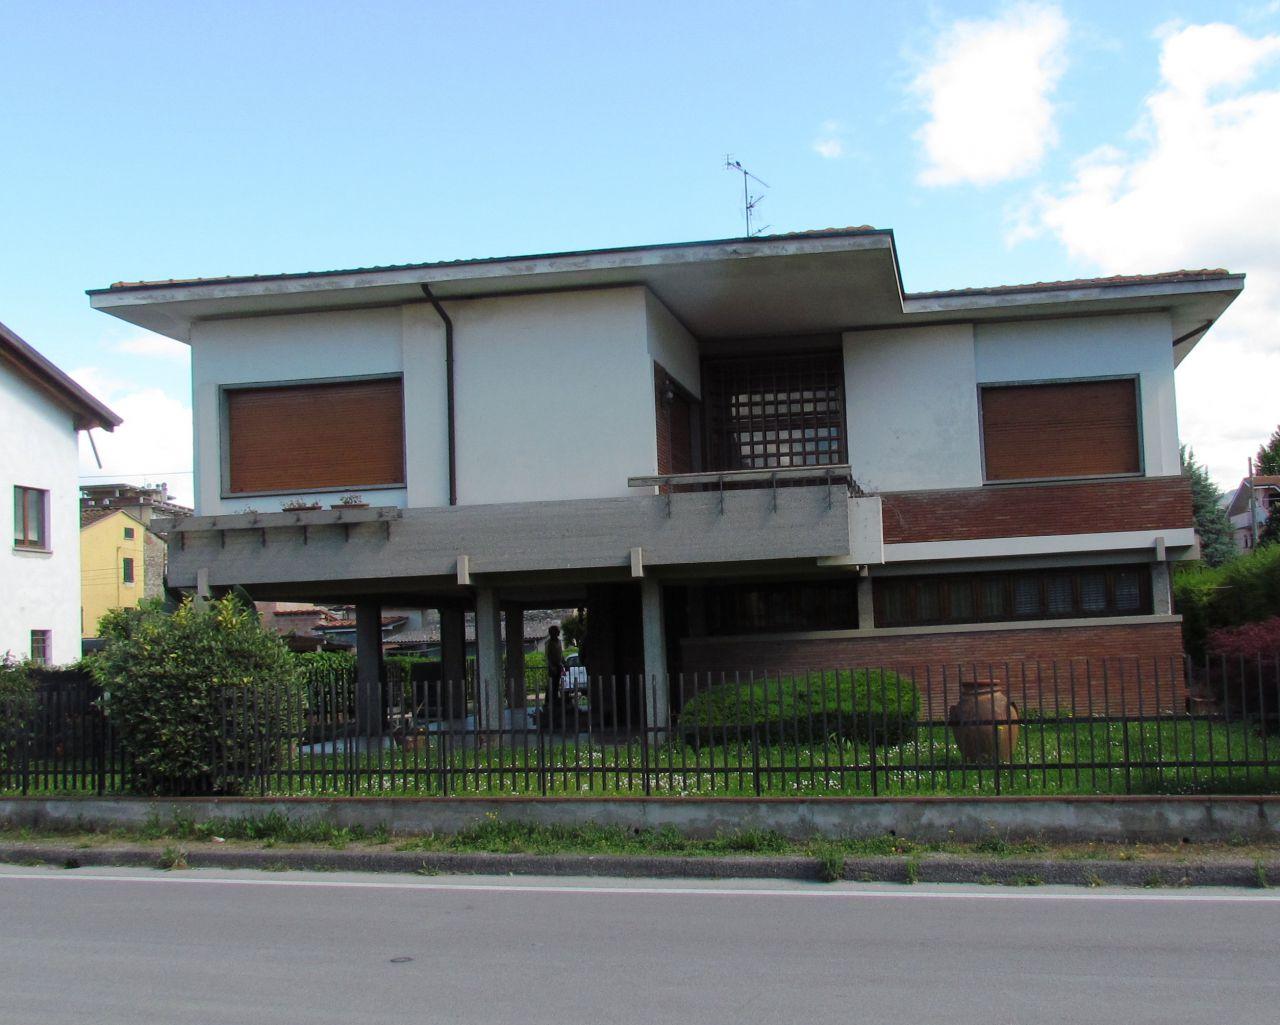 Villa in vendita a Lucca, 7 locali, zona Località: GENERICA, prezzo € 550.000   Cambio Casa.it